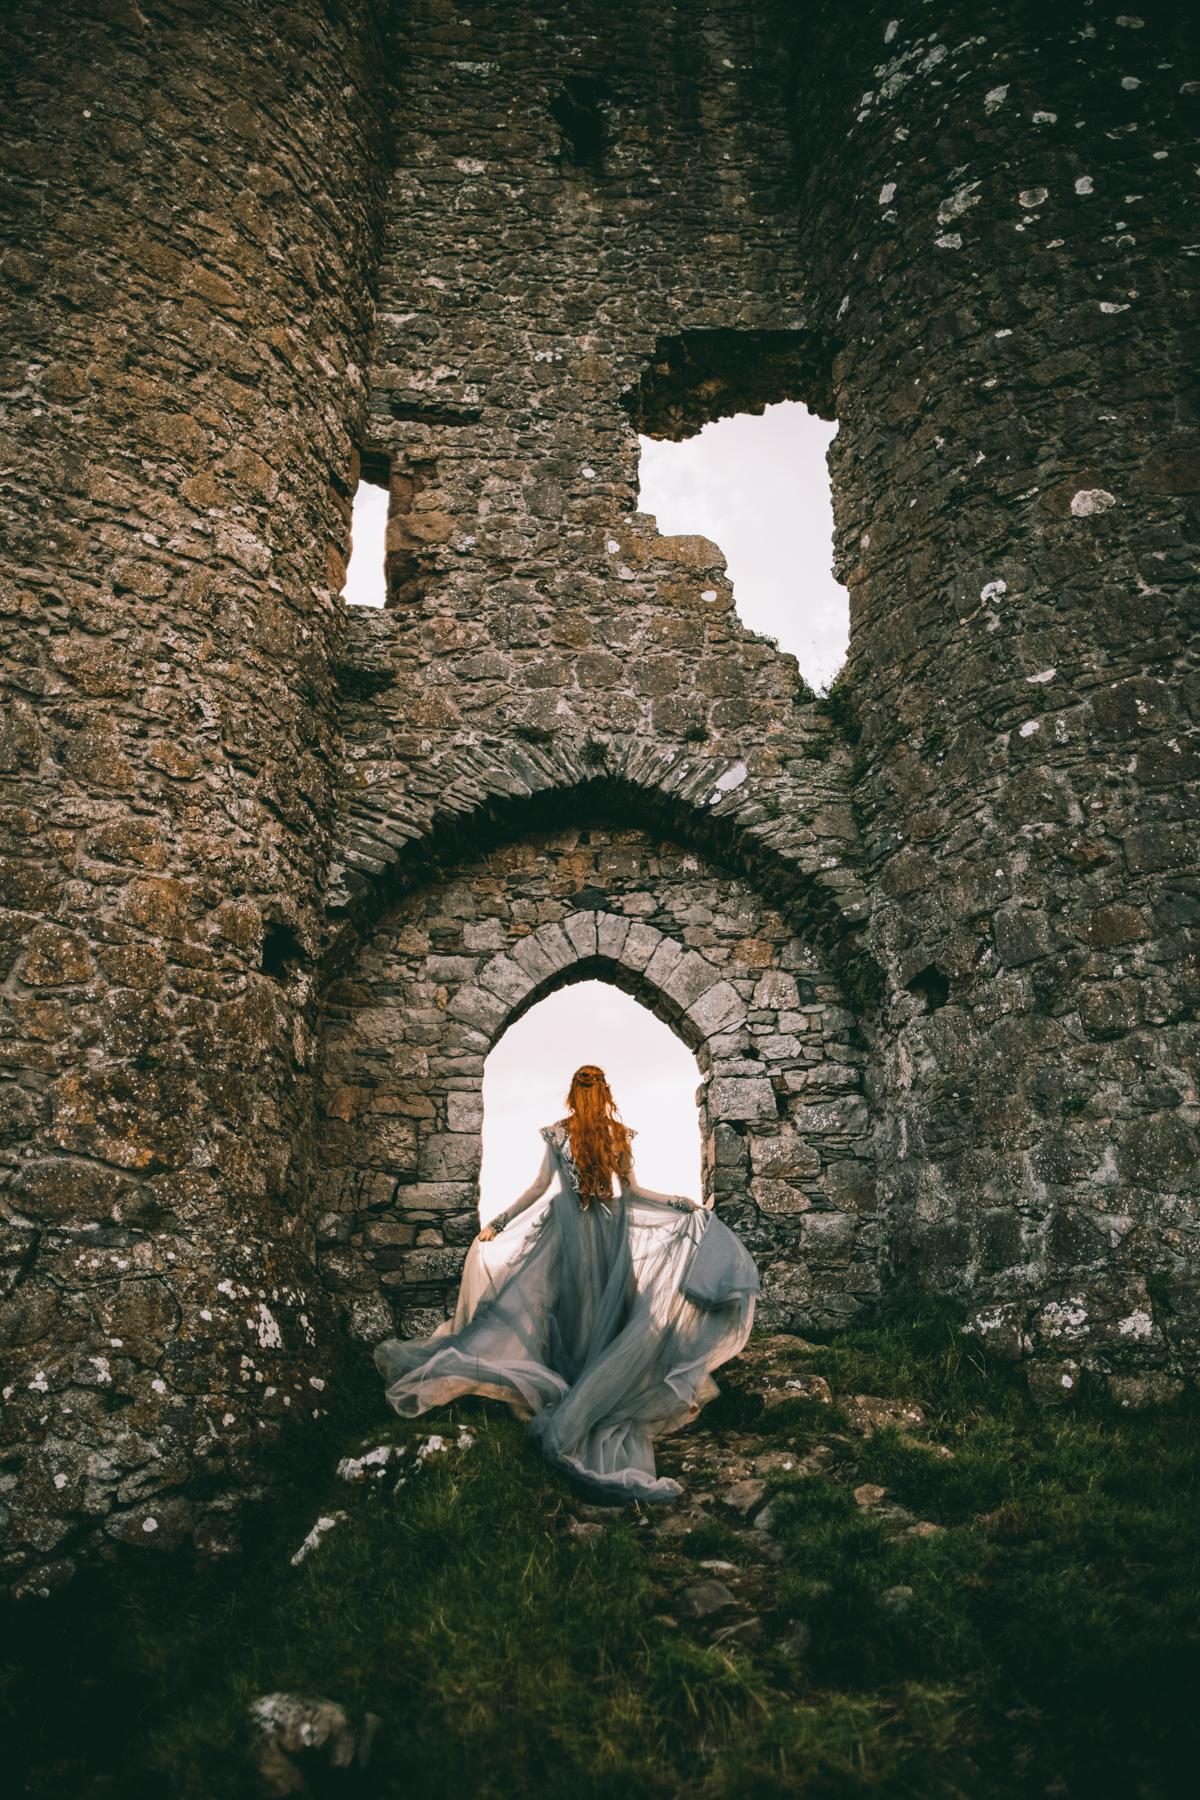 castle-6 copy